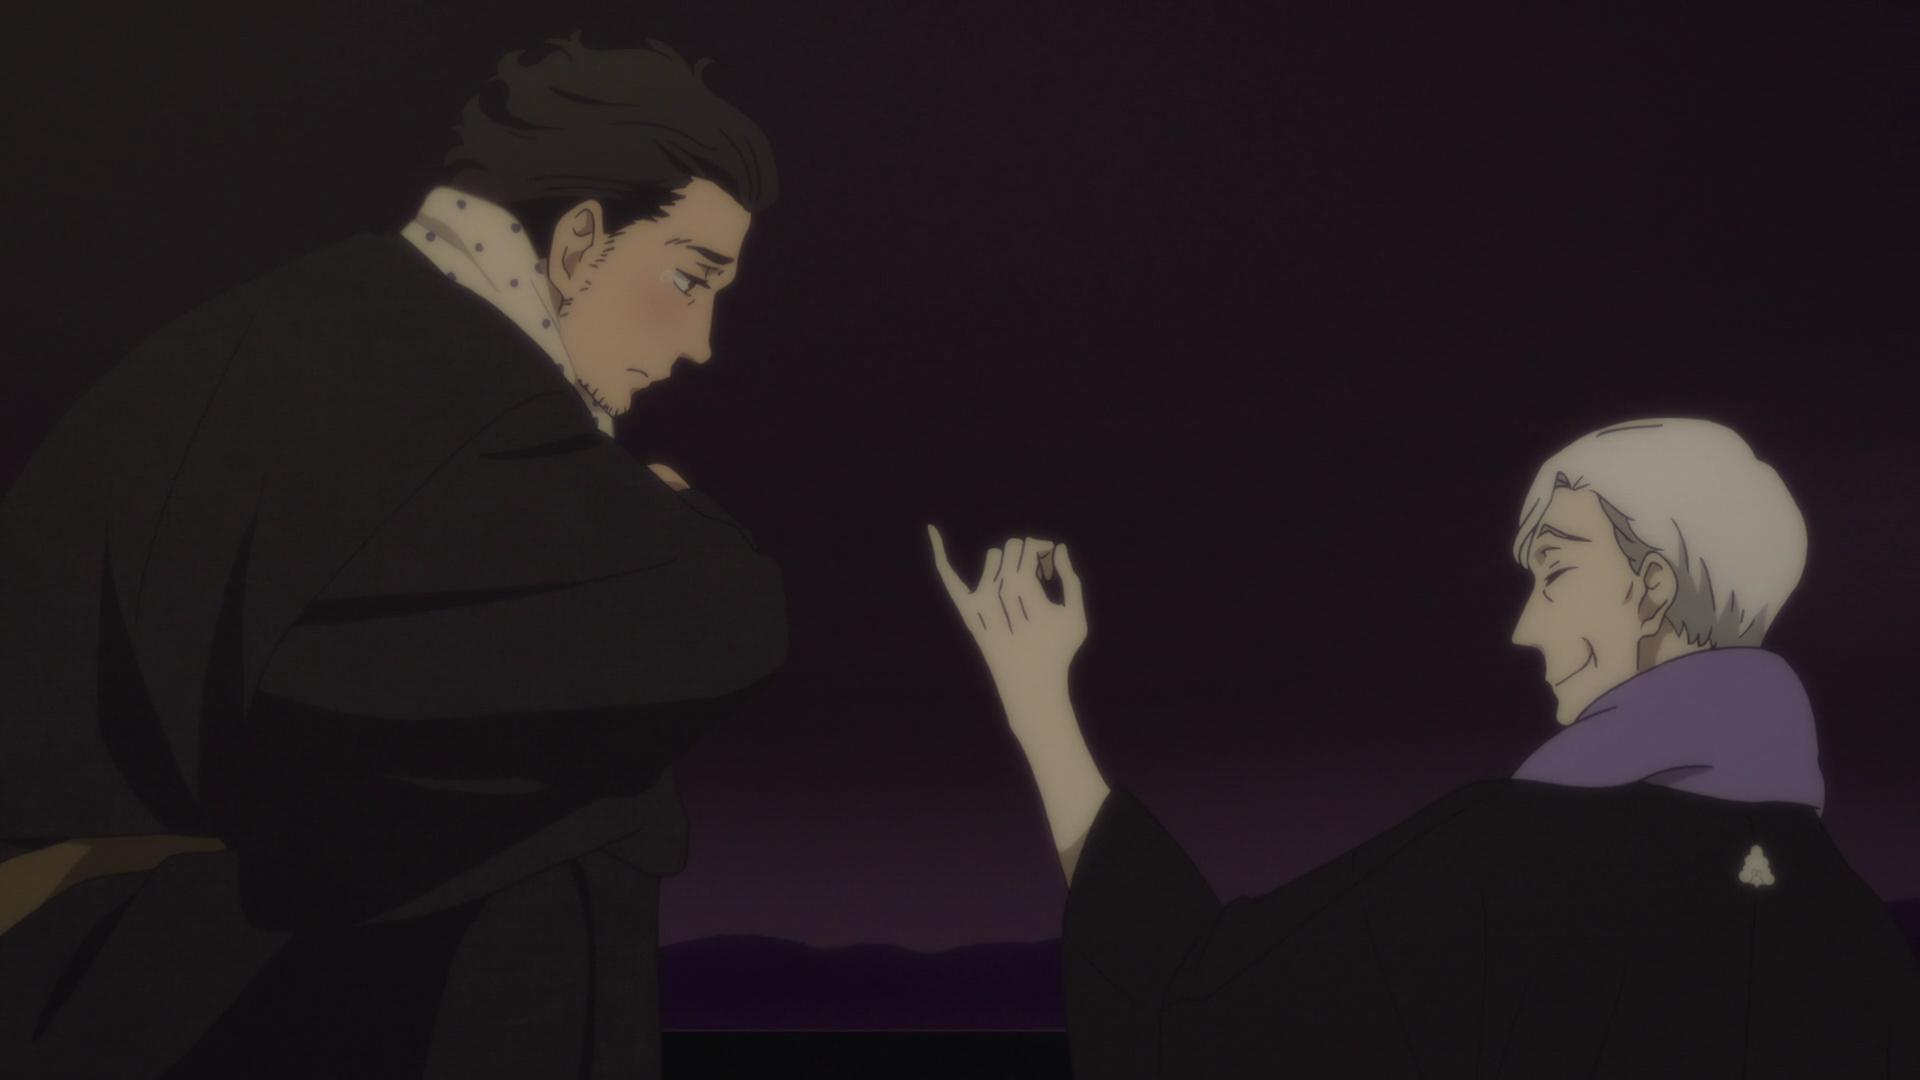 Showa Genroku Rakugo Shinju Season 2 Episode 11 The Josei Next